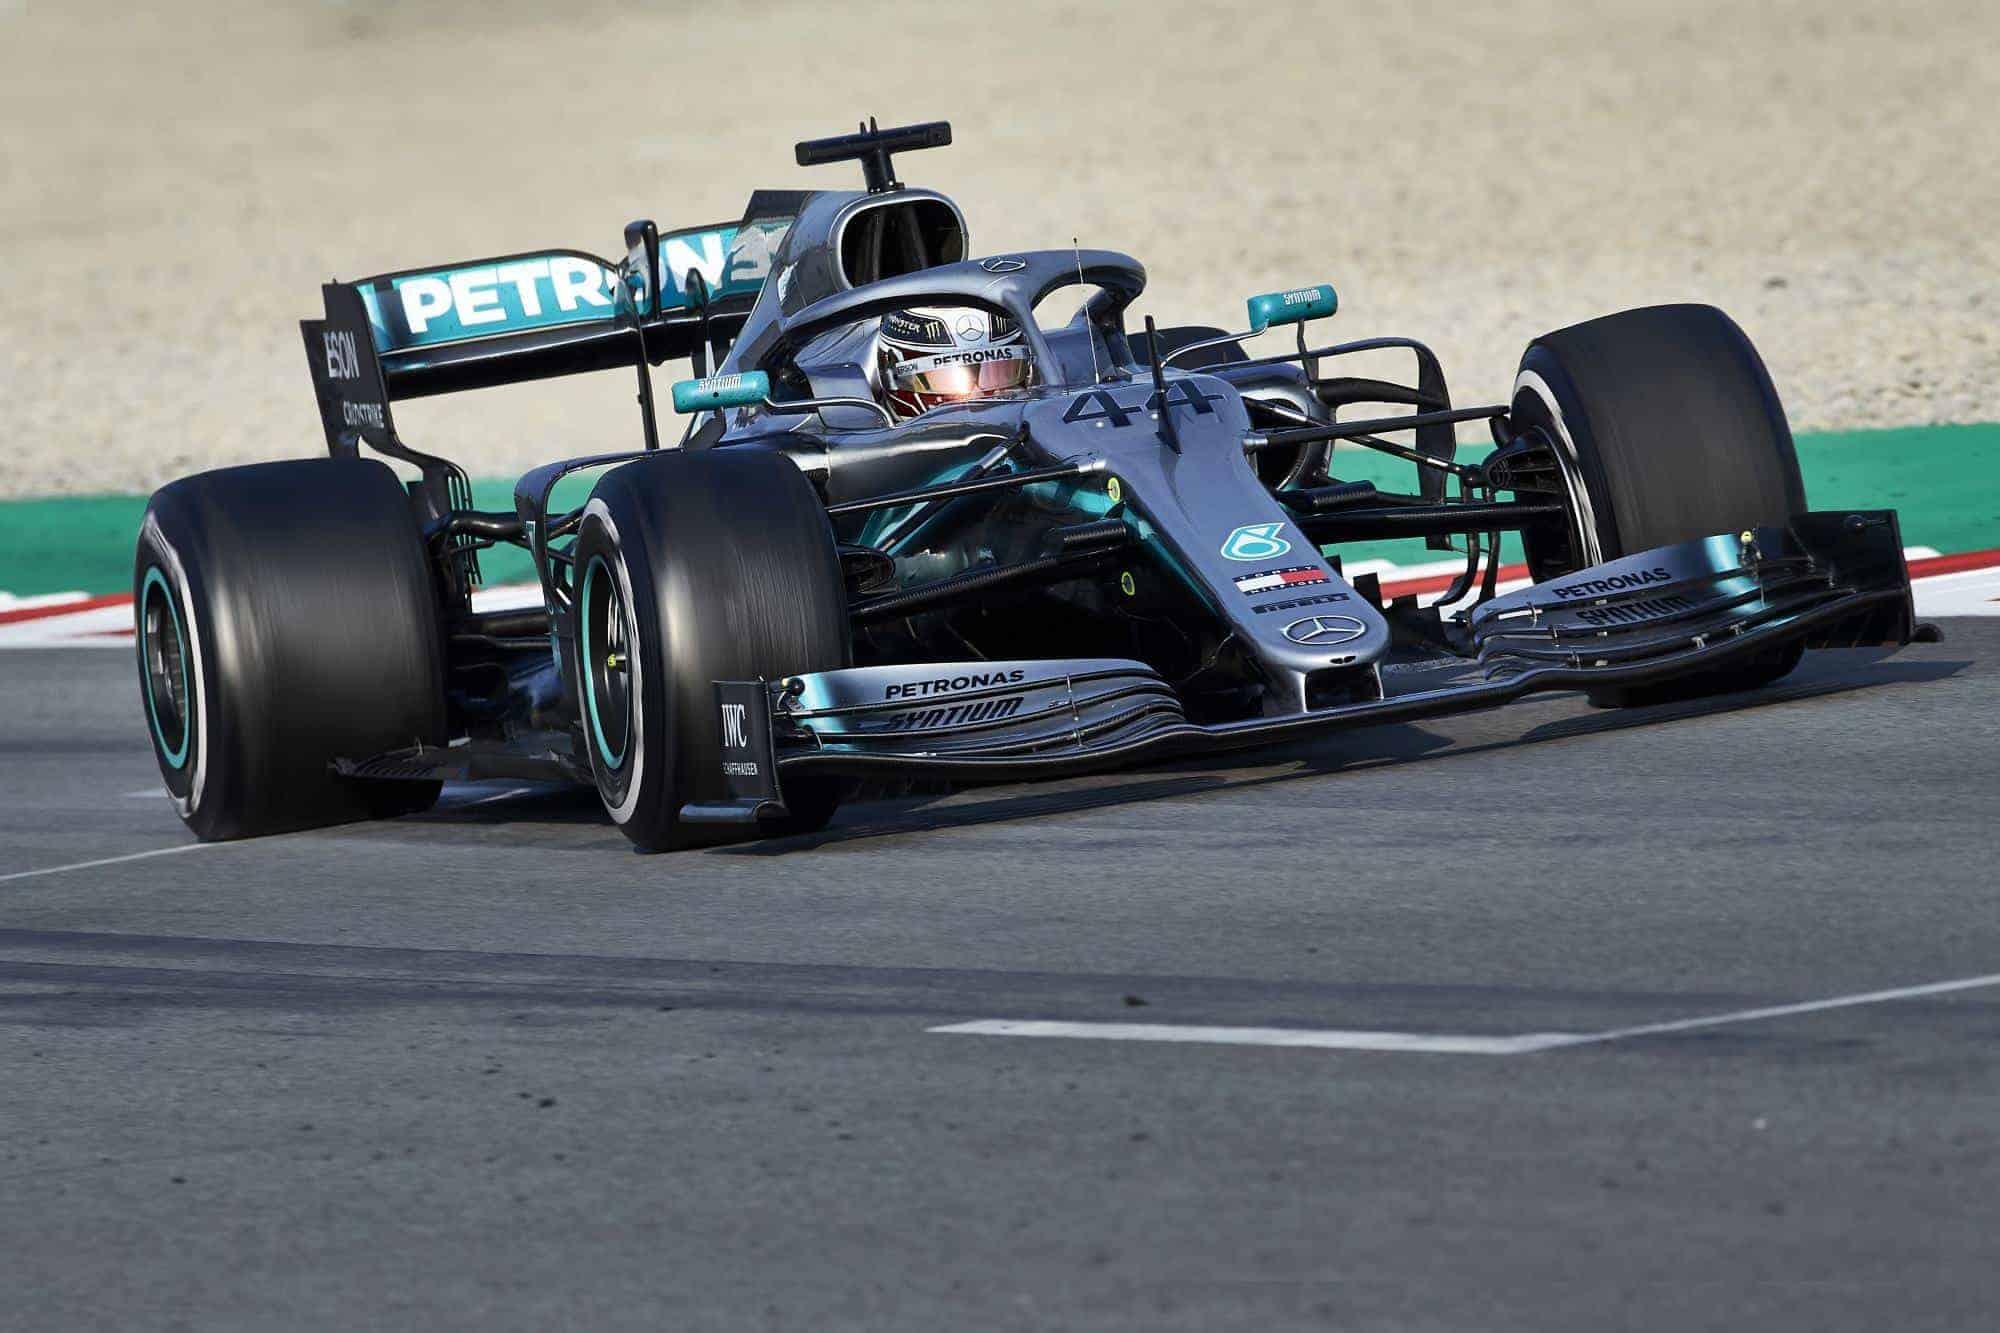 Lewis Hamilton Mercedes W10 Barcelona test 1 Day 3 Photo Daimler